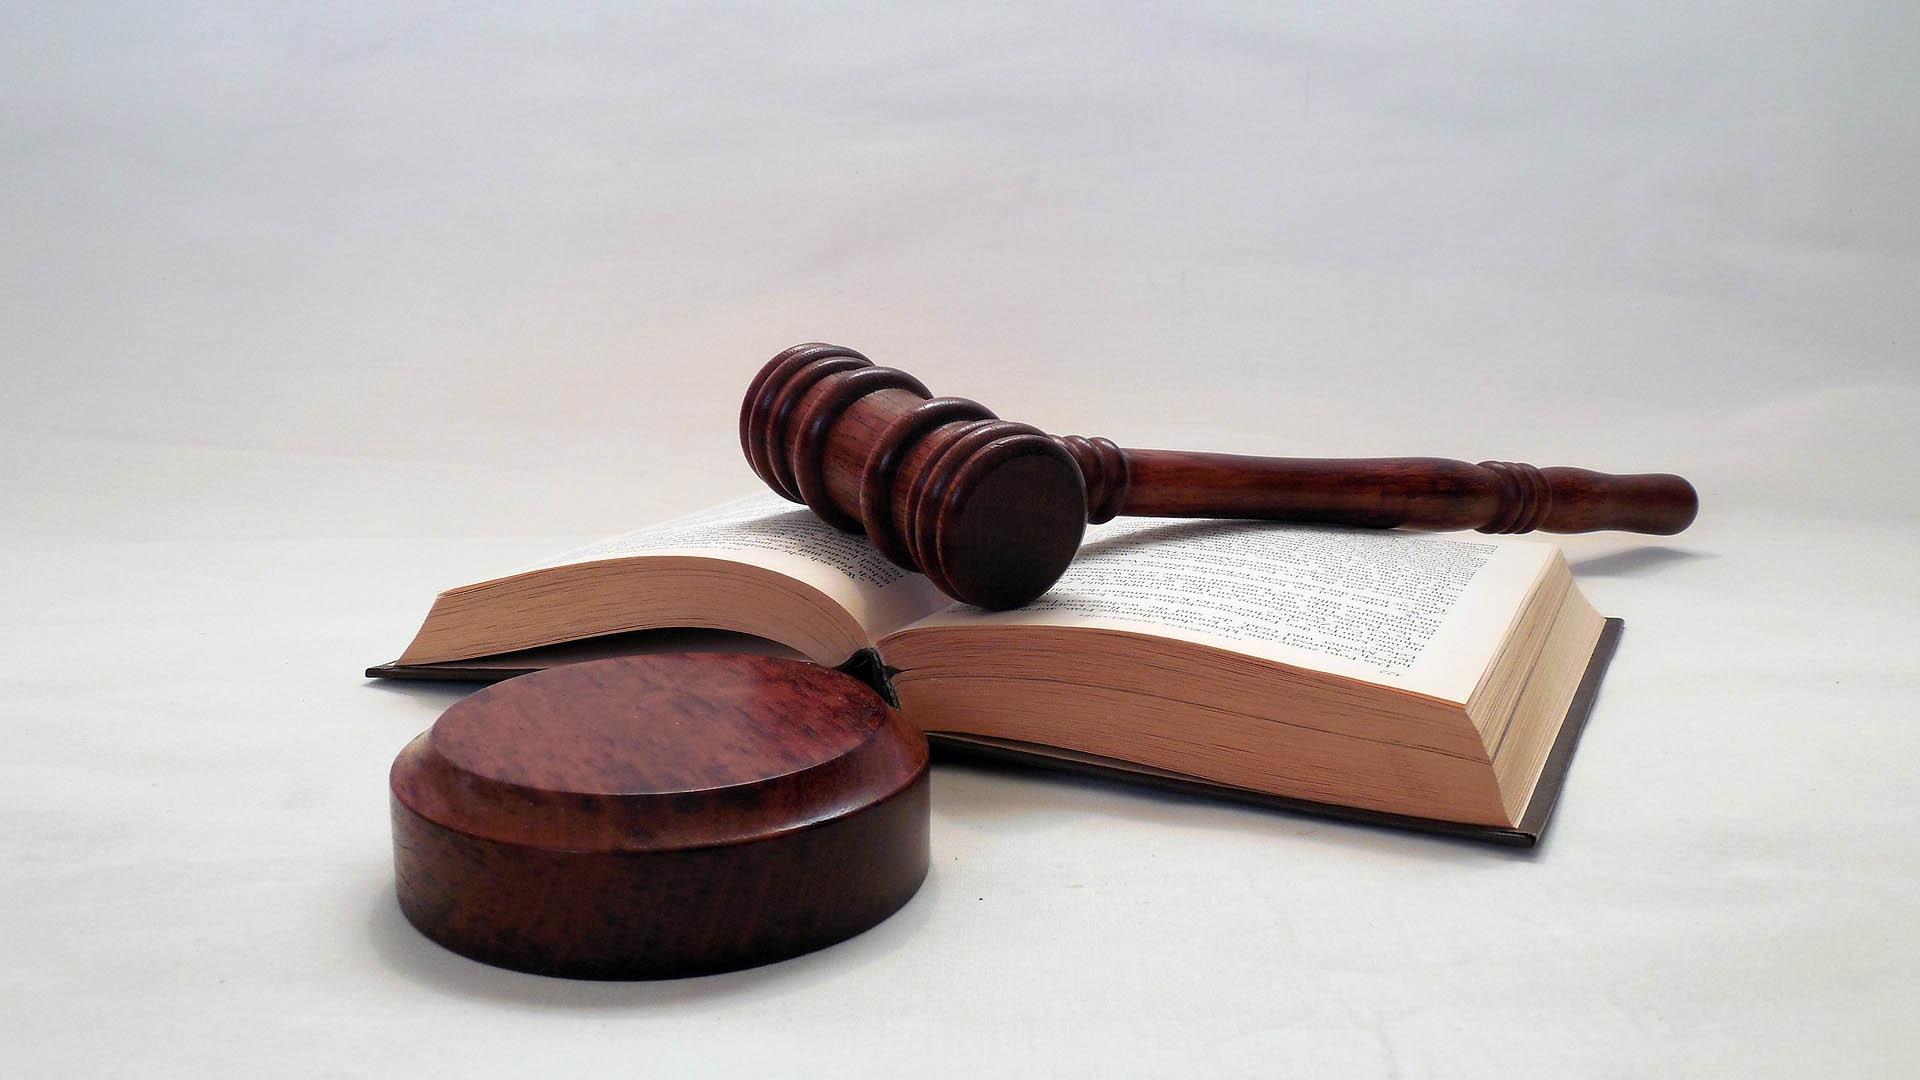 """Sollten Richter muslimischen Straftätern ein """"Kultur-Rabatt"""" gewähren?"""